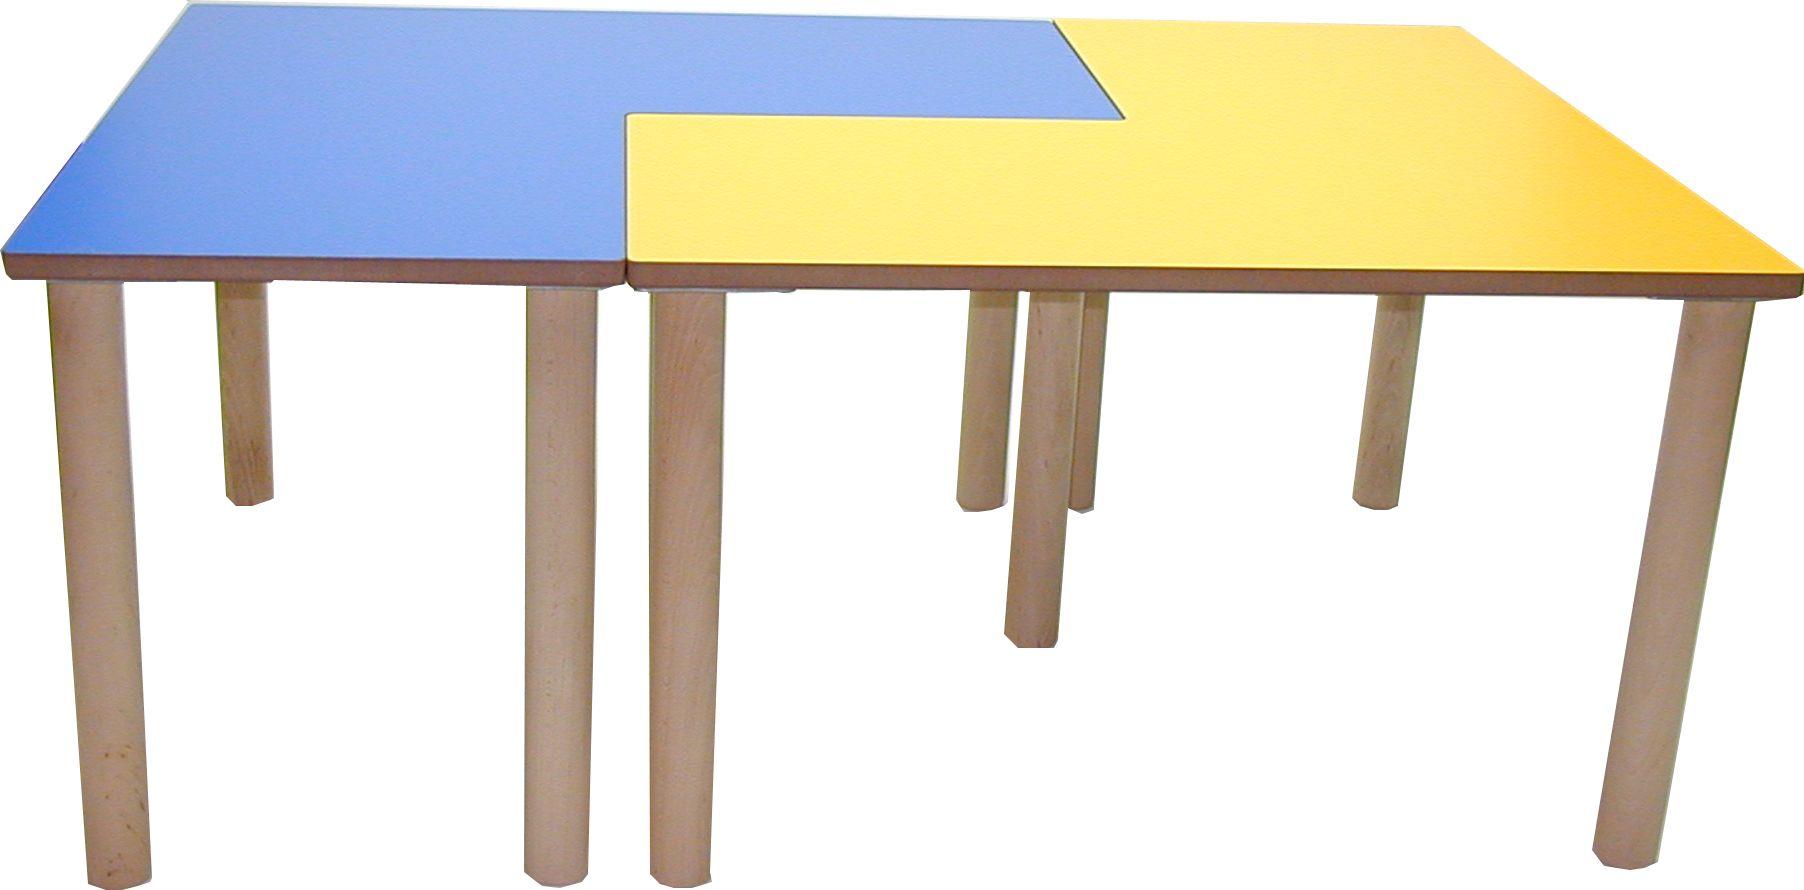 Conjunto de mesas infantiles Guay en L :: Las mesas infantiles en ...